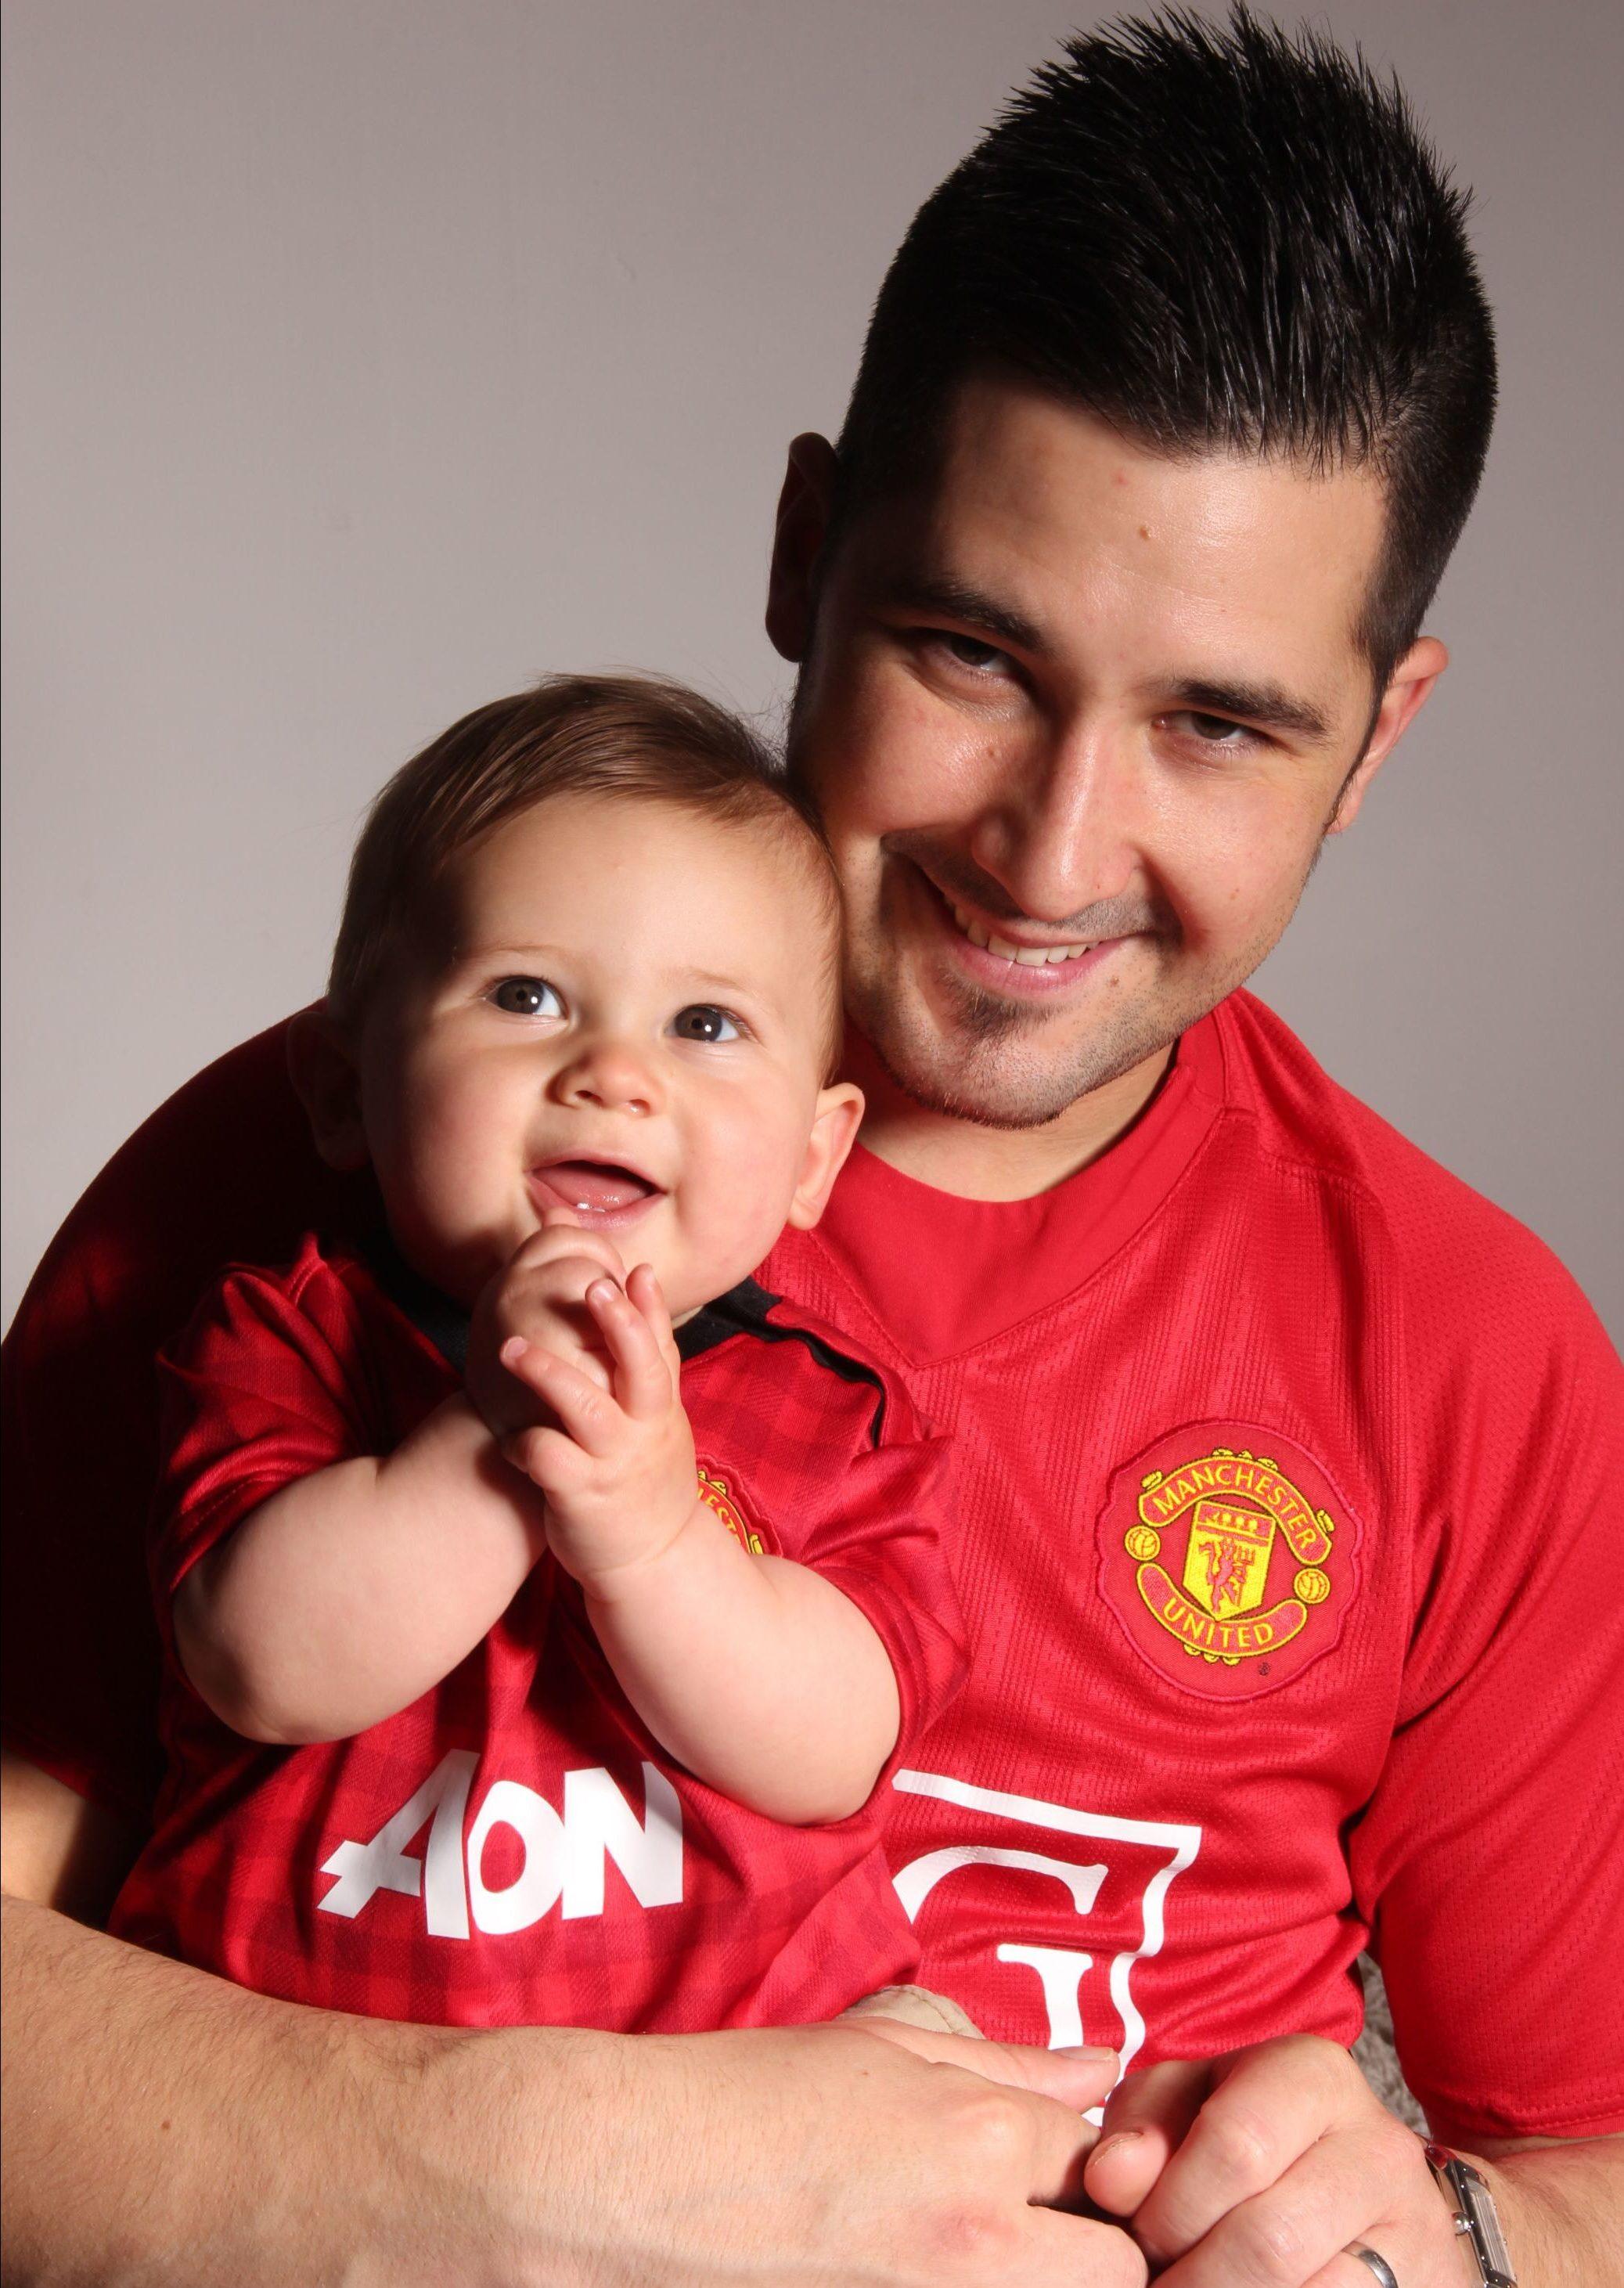 Vatertag Bilder: Vater und Sohn sind Manchester United Fans